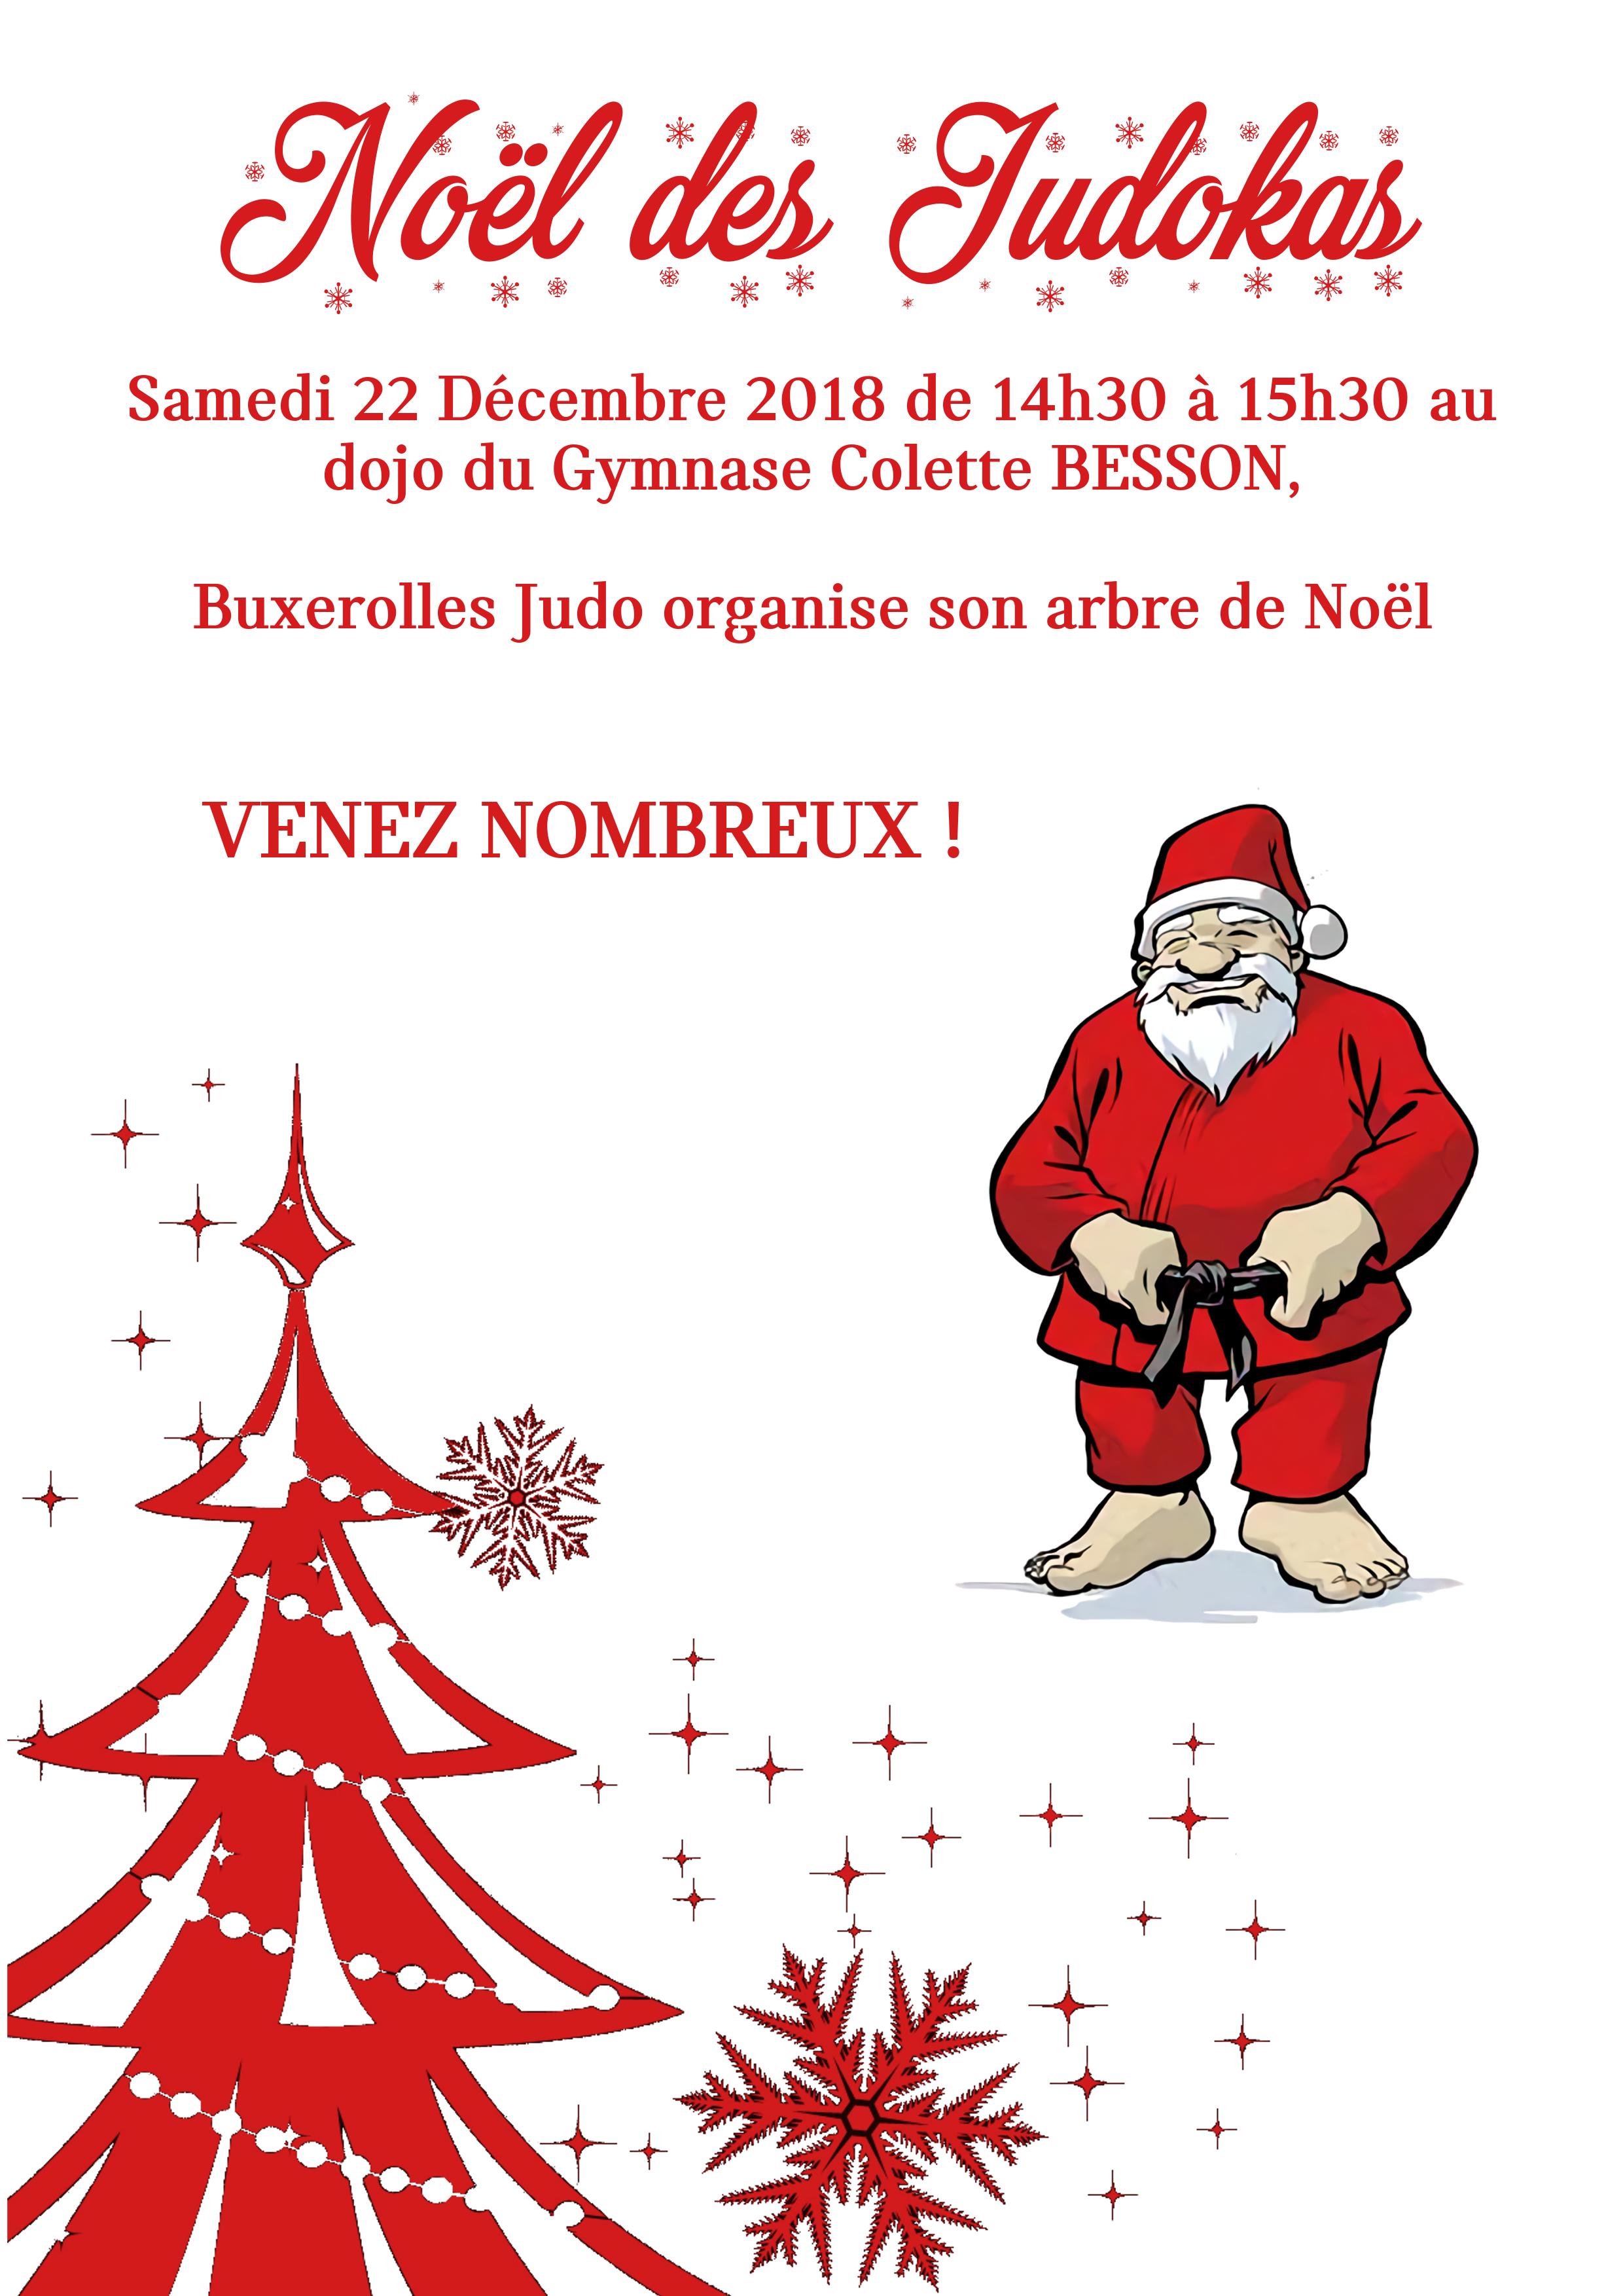 Noël des Judokas 2018